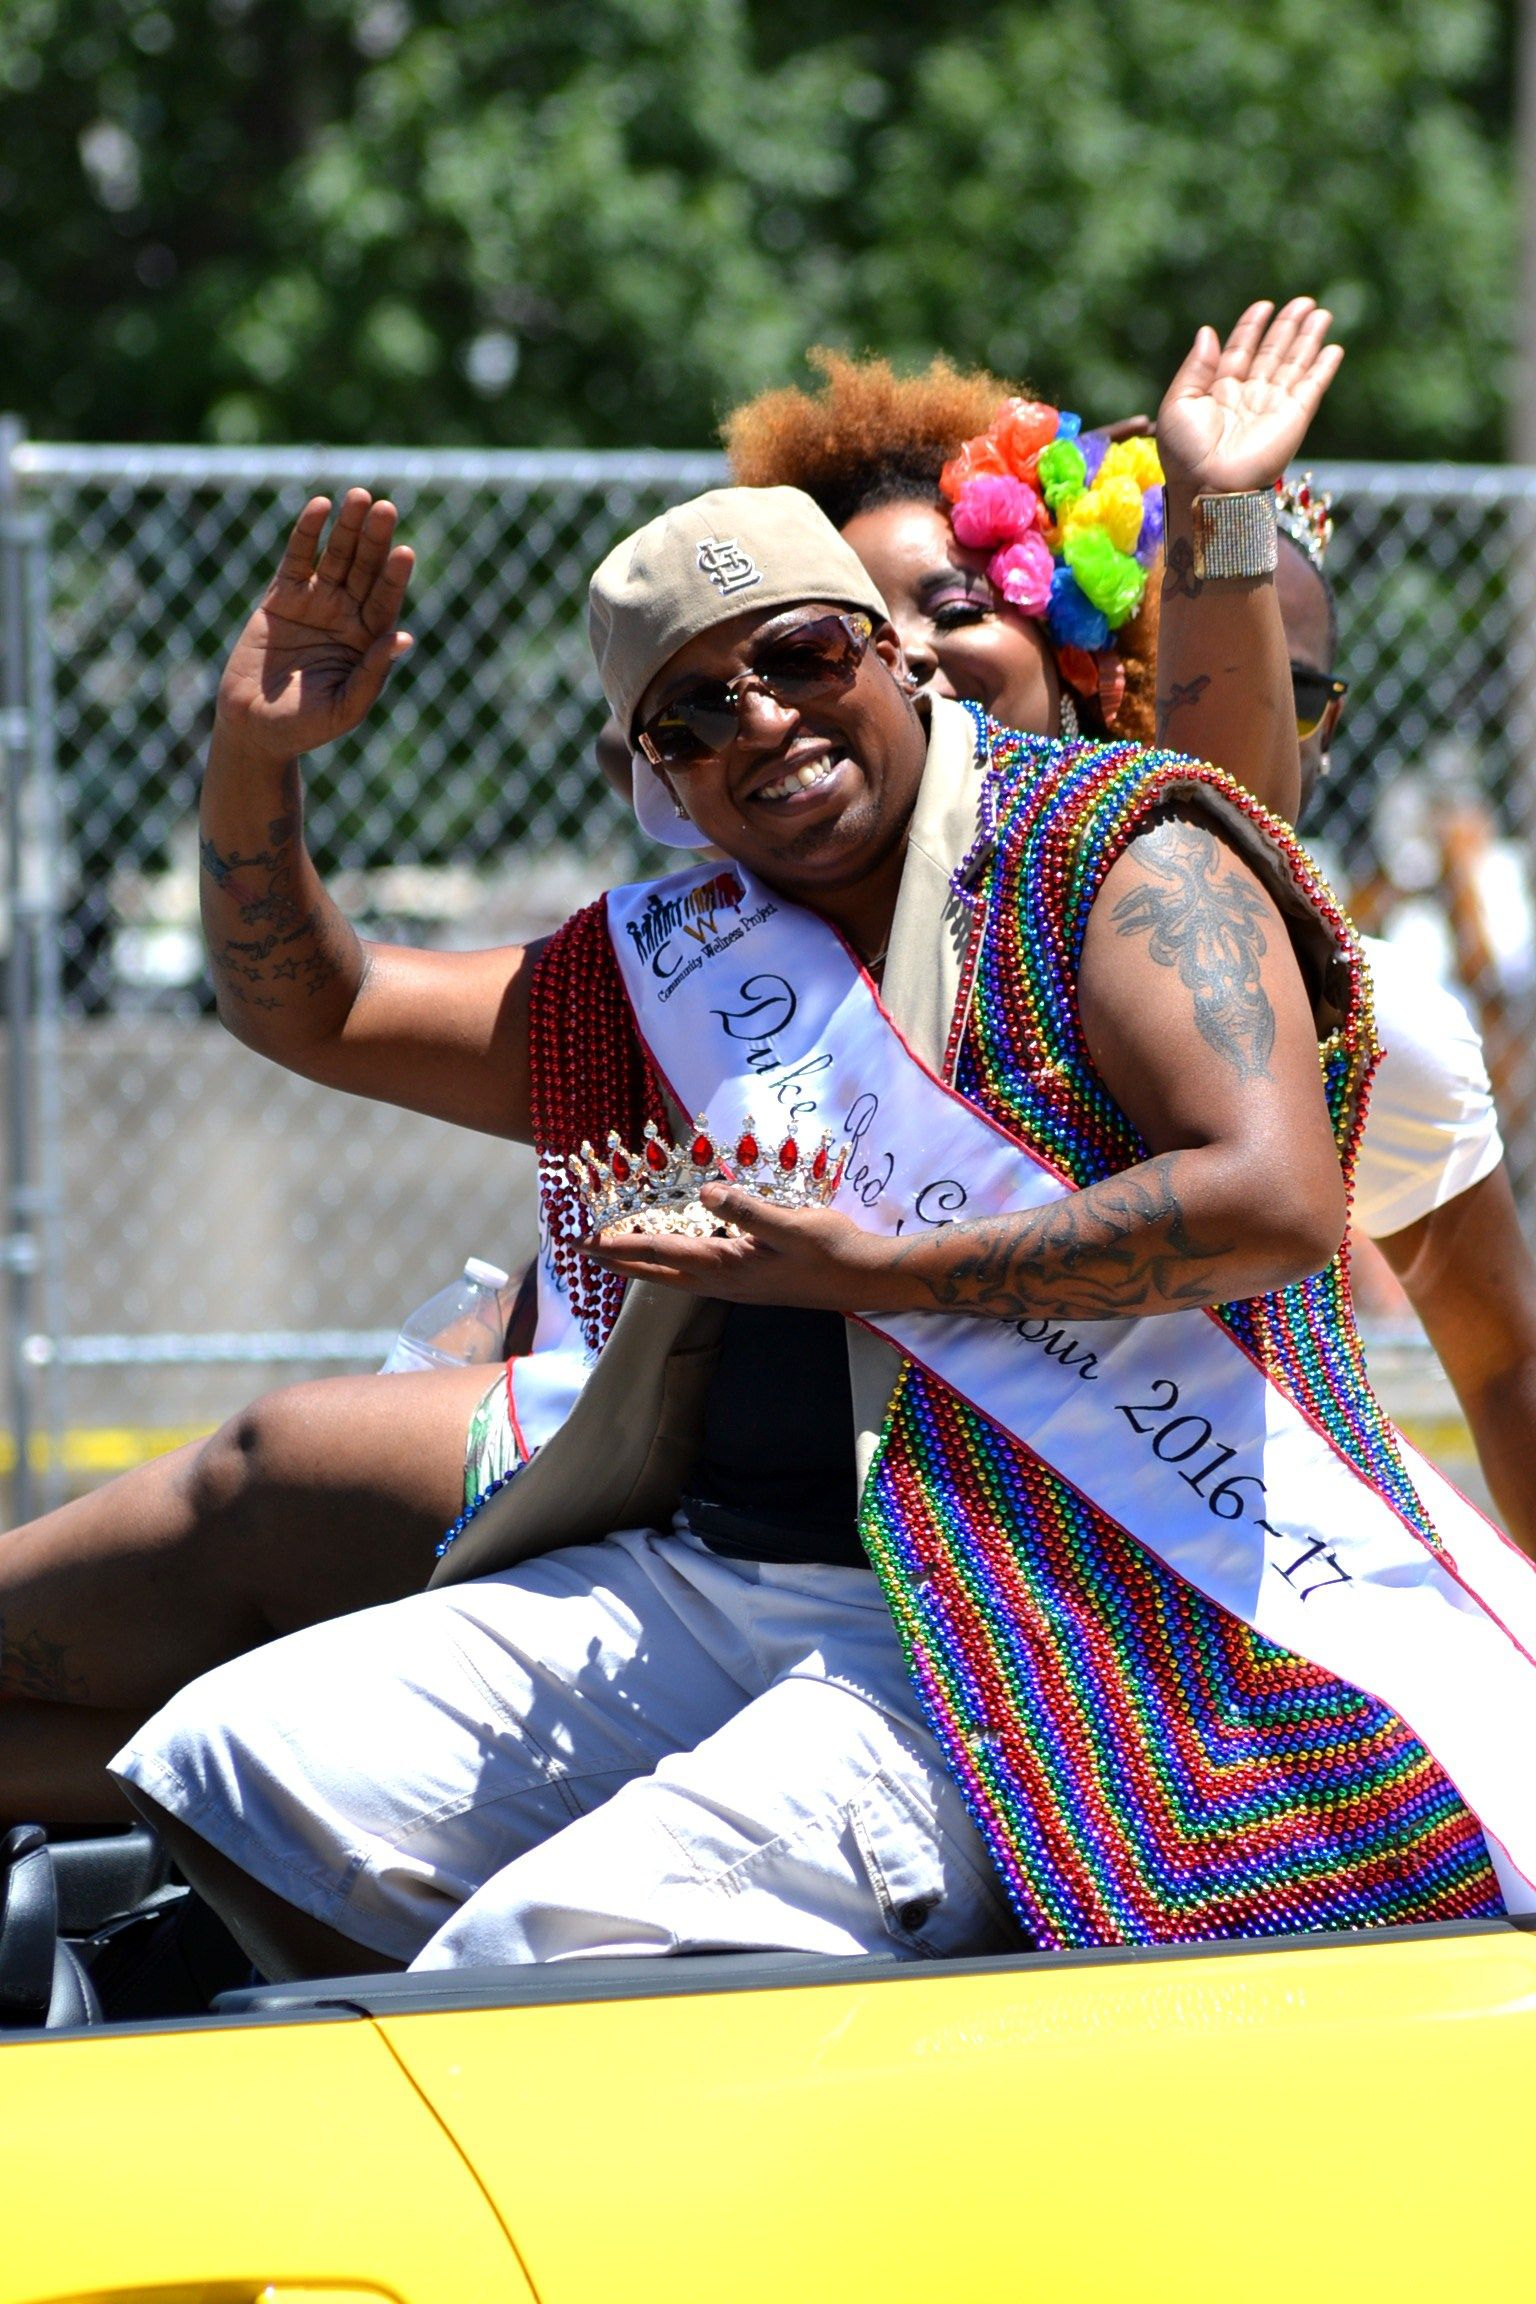 rencontre bi gay meaning a Saint-Louis